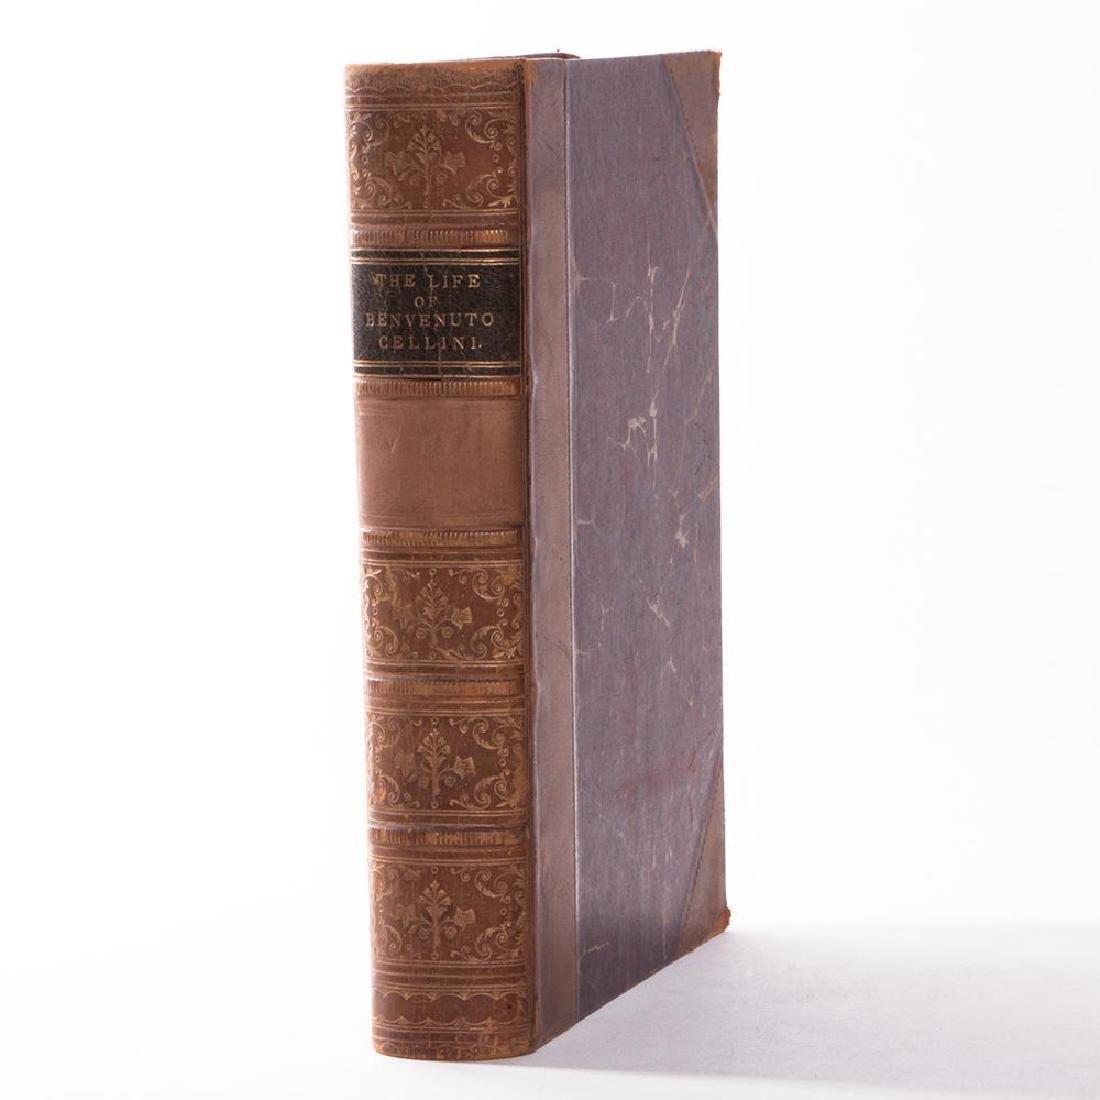 The Life of Benvenuto Cellini. Limited edition